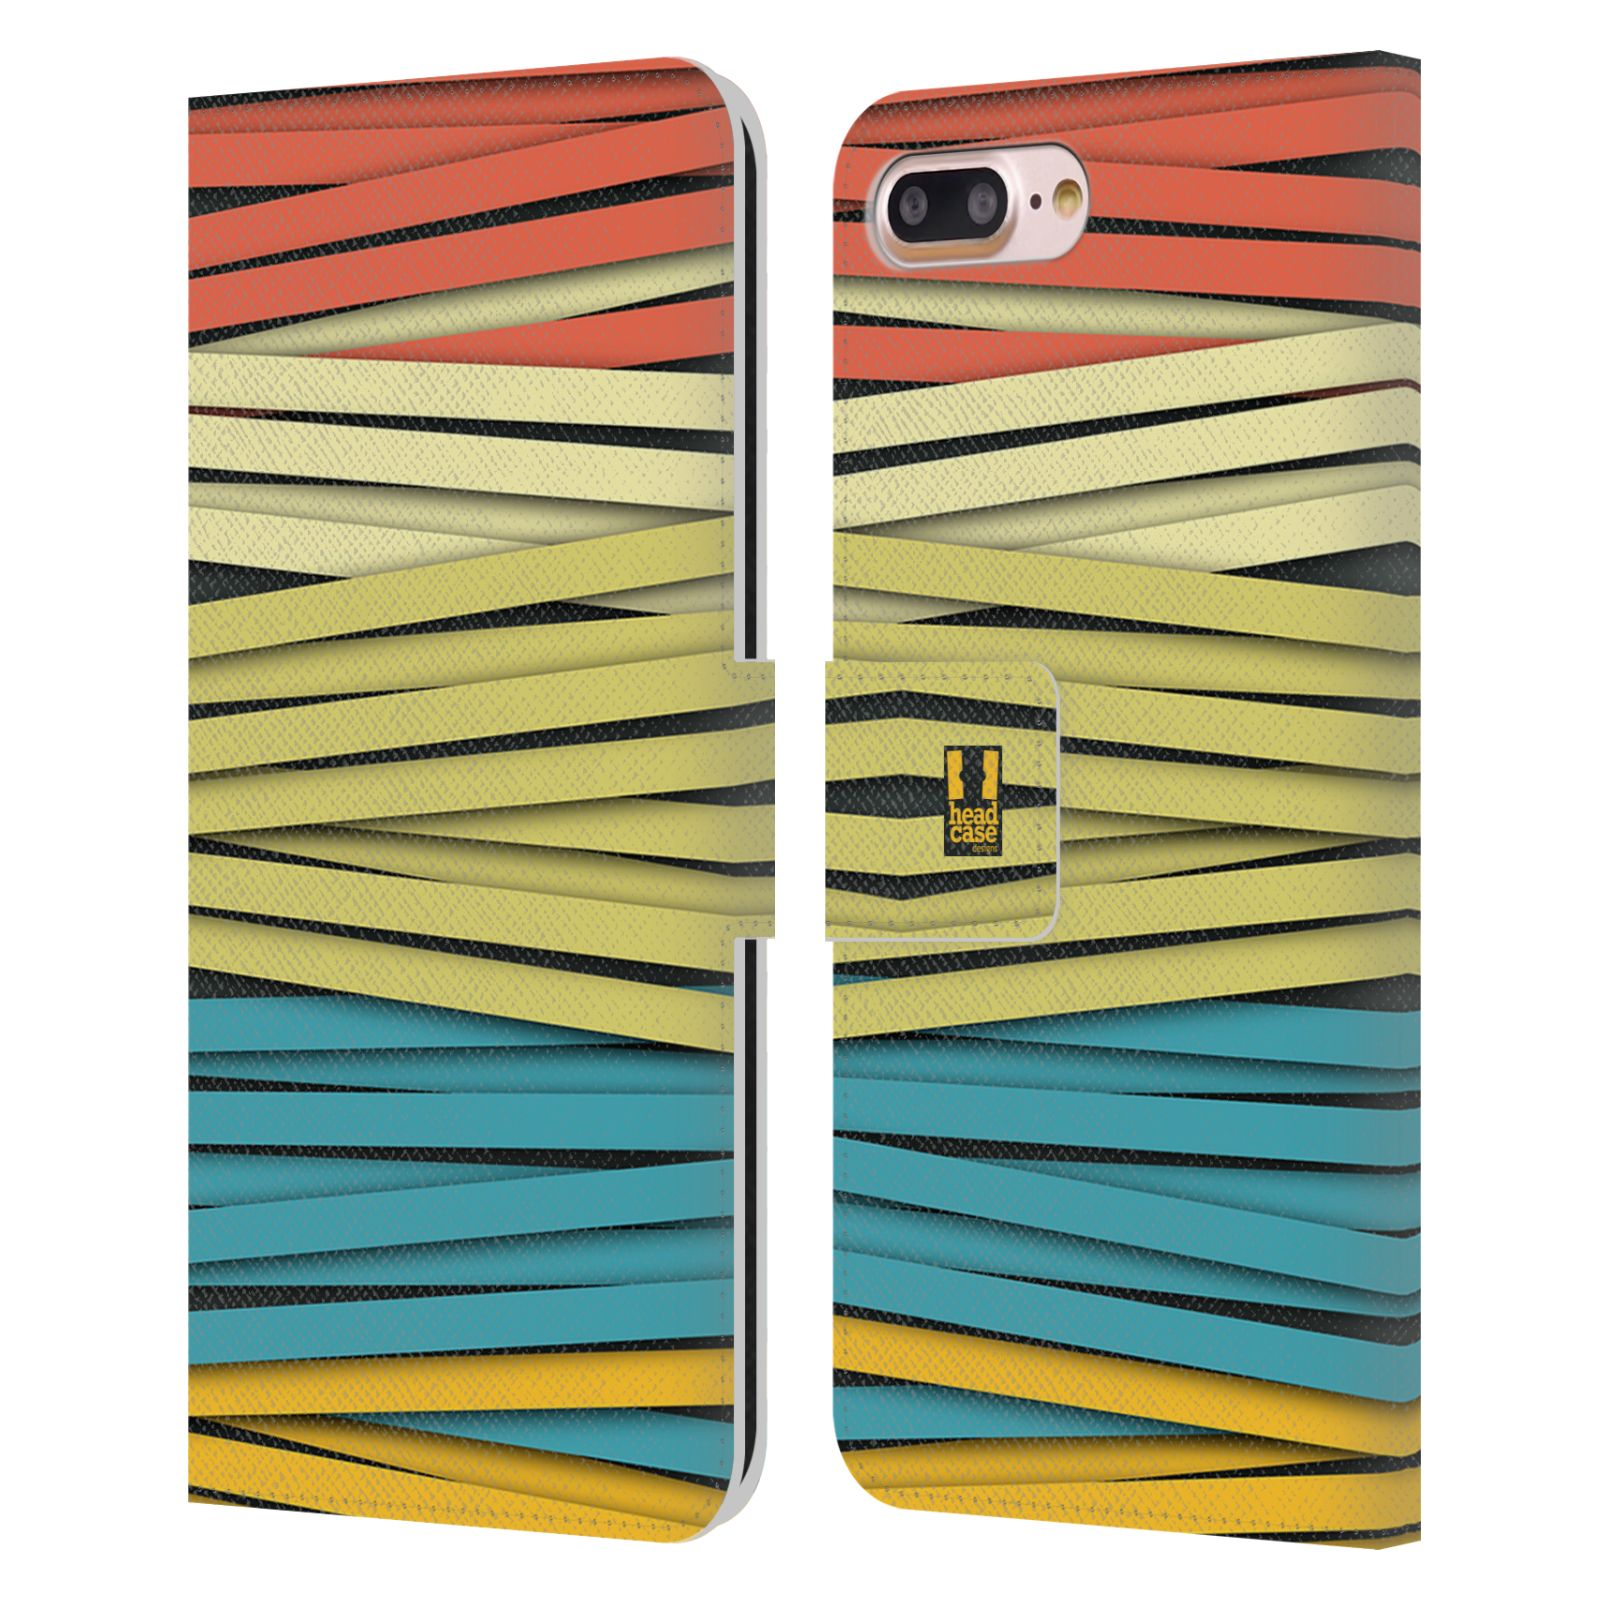 HEAD CASE Flipové pouzdro pro mobil Apple Iphone 7 PLUS / 8 PLUS barevná mumie proužky ENJOY červená a žlutá